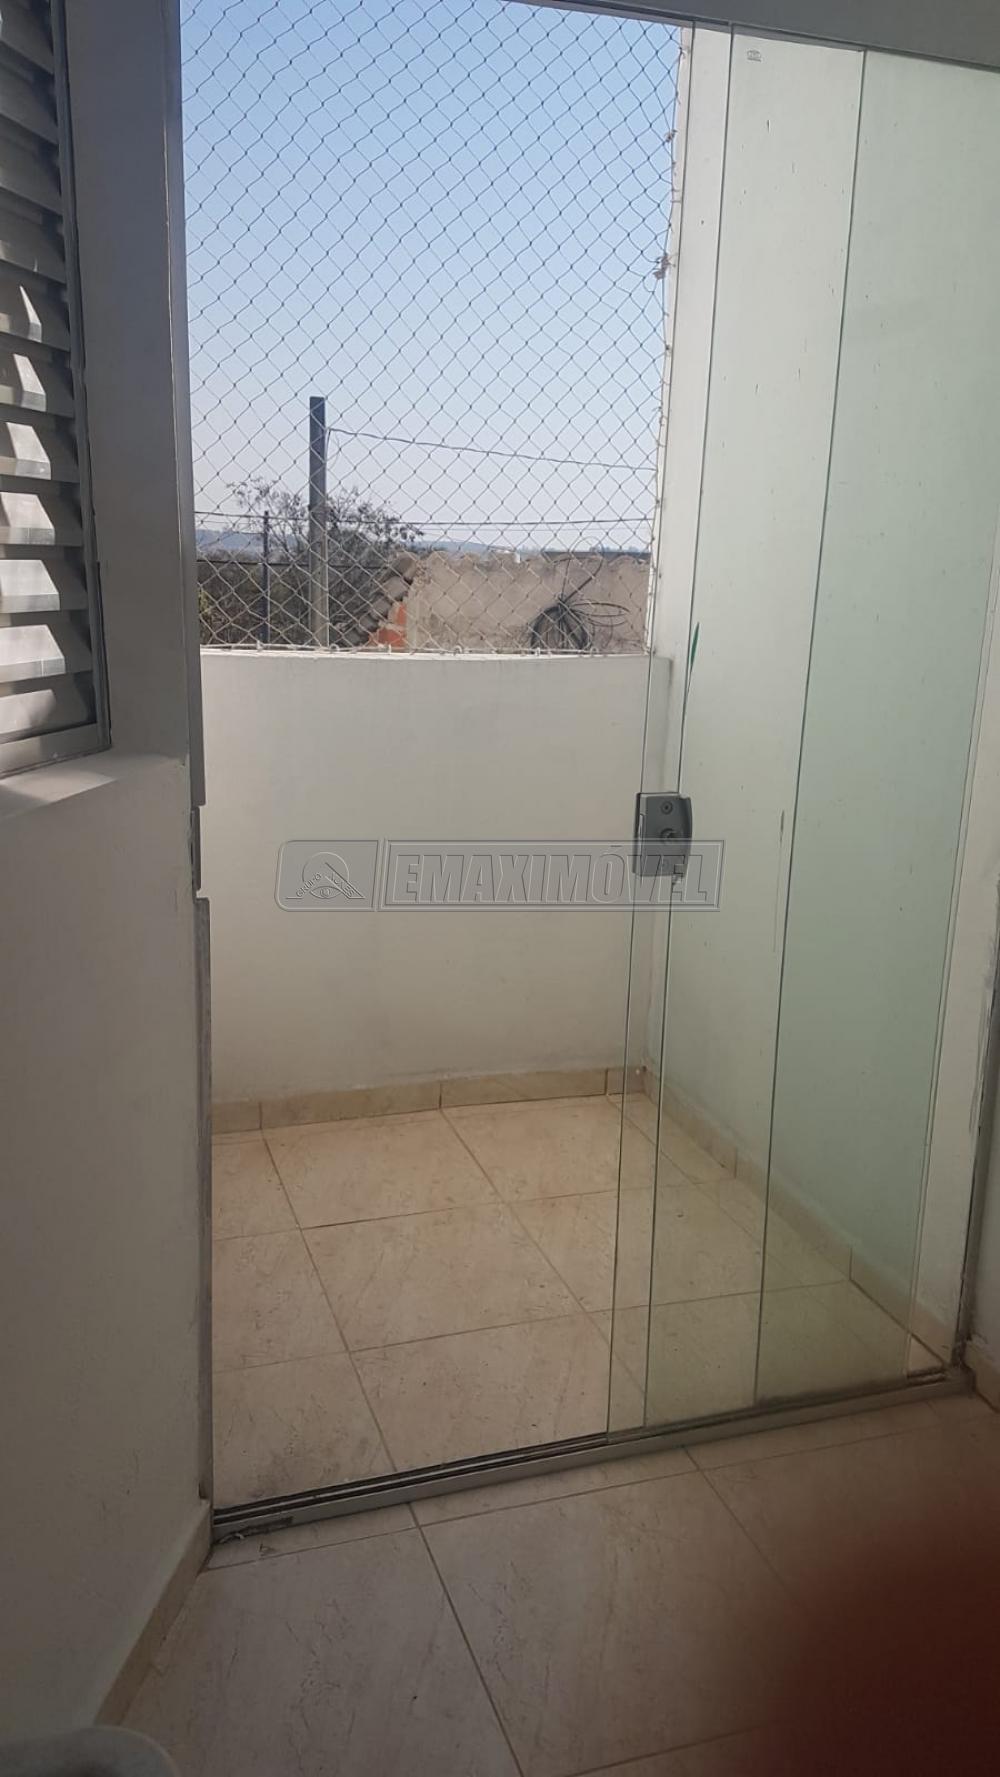 Comprar Apartamento / Padrão em Sorocaba R$ 175.000,00 - Foto 4